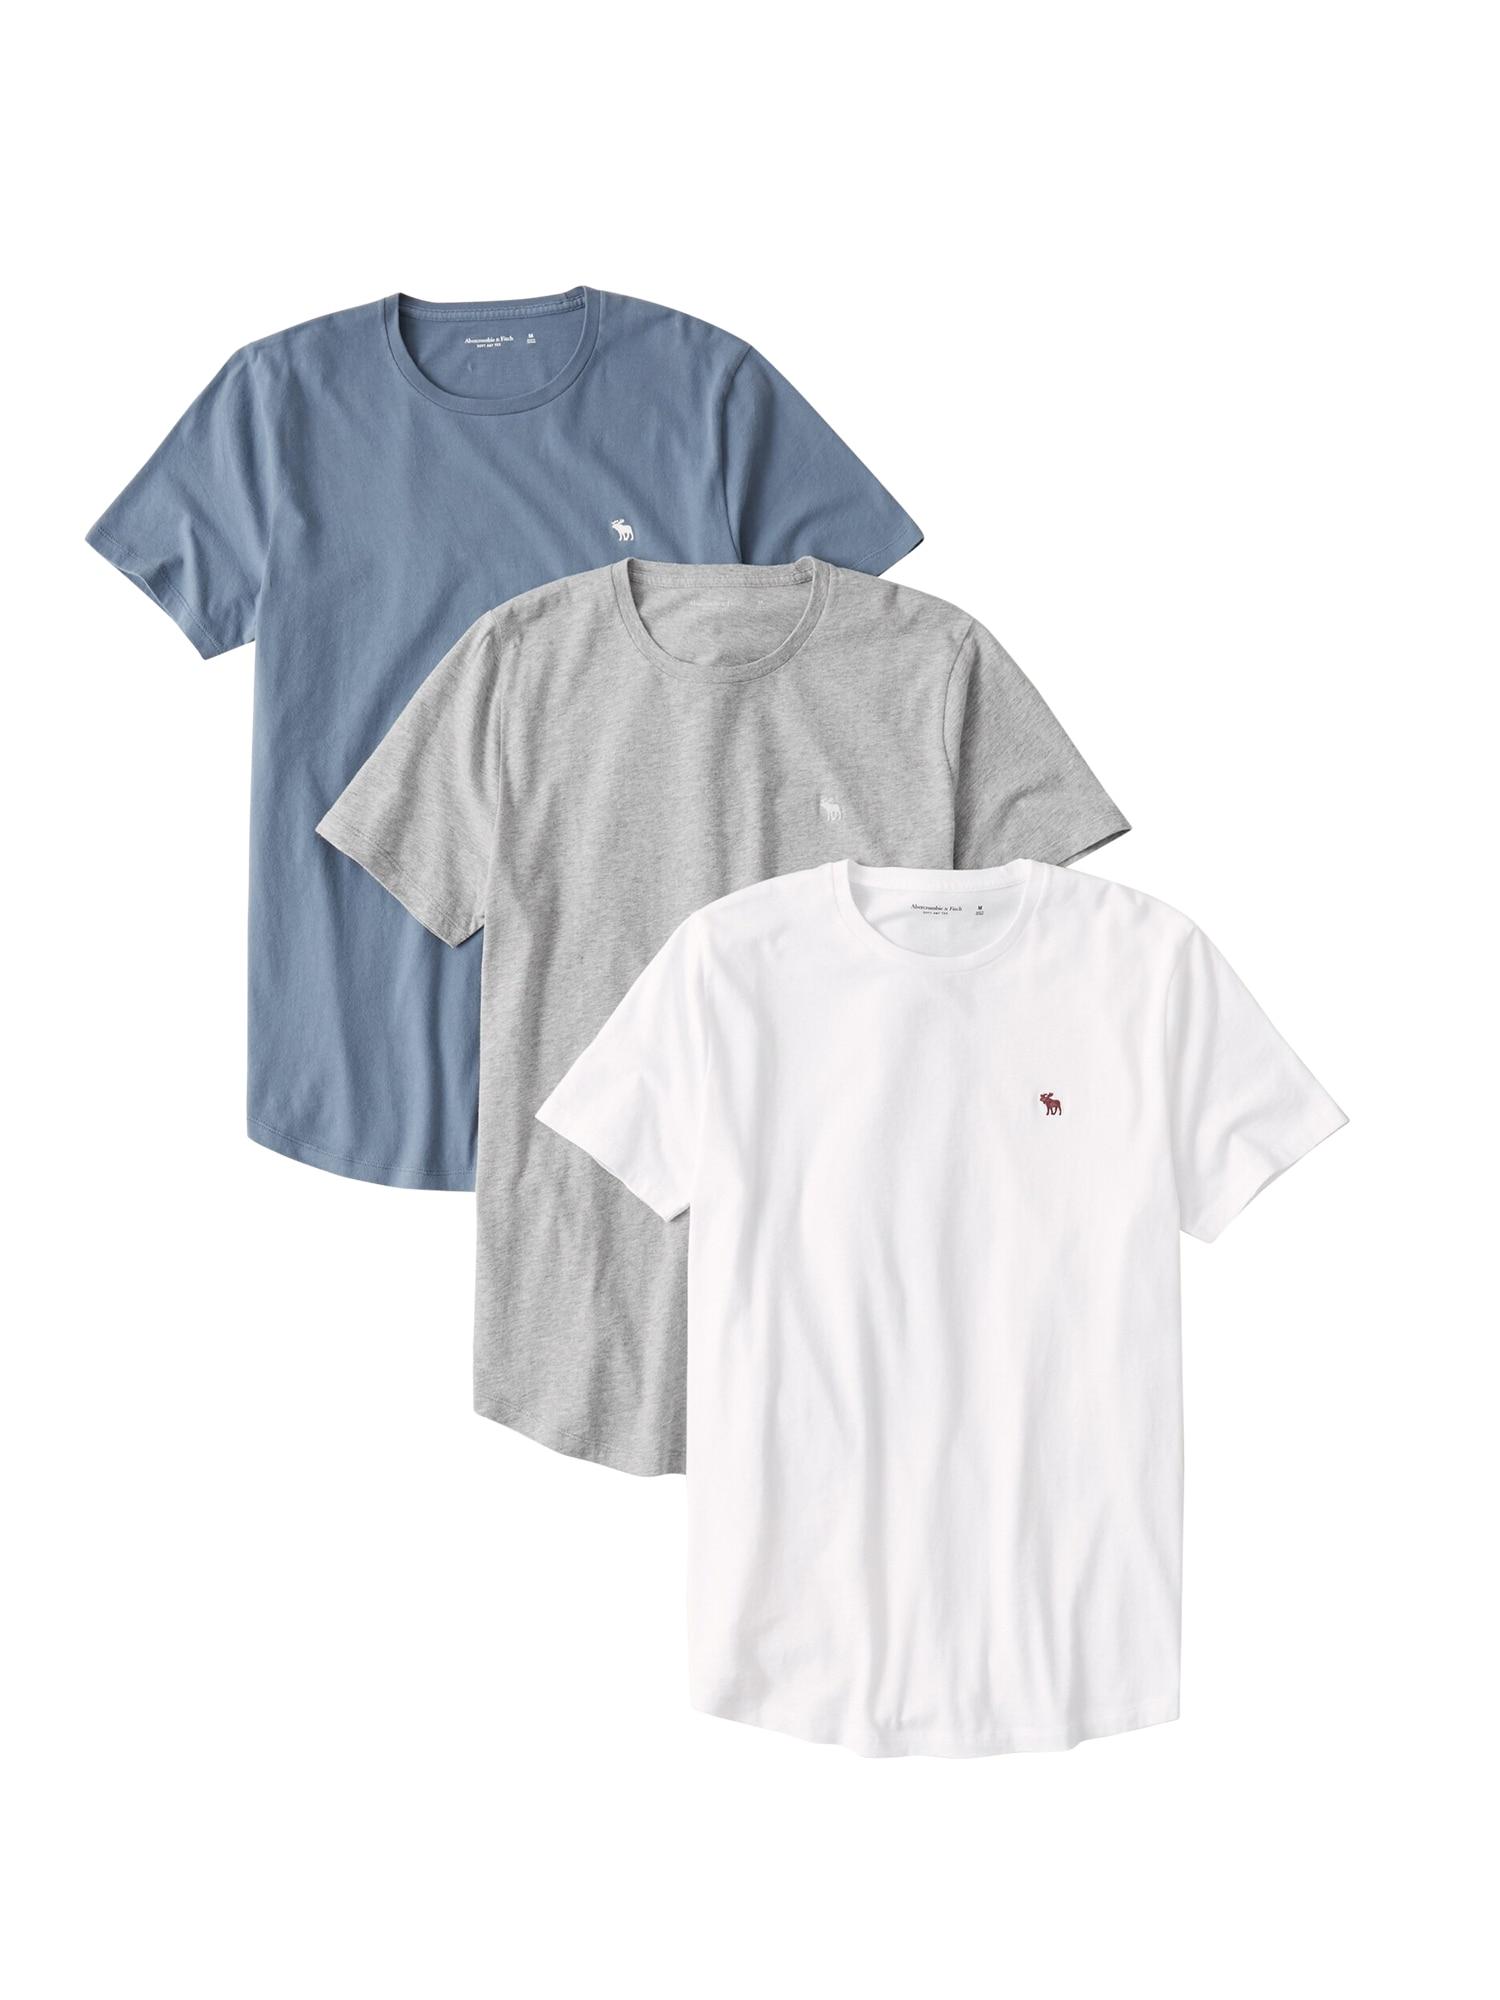 Abercrombie & Fitch Marškinėliai pilka / mėlyna / balta